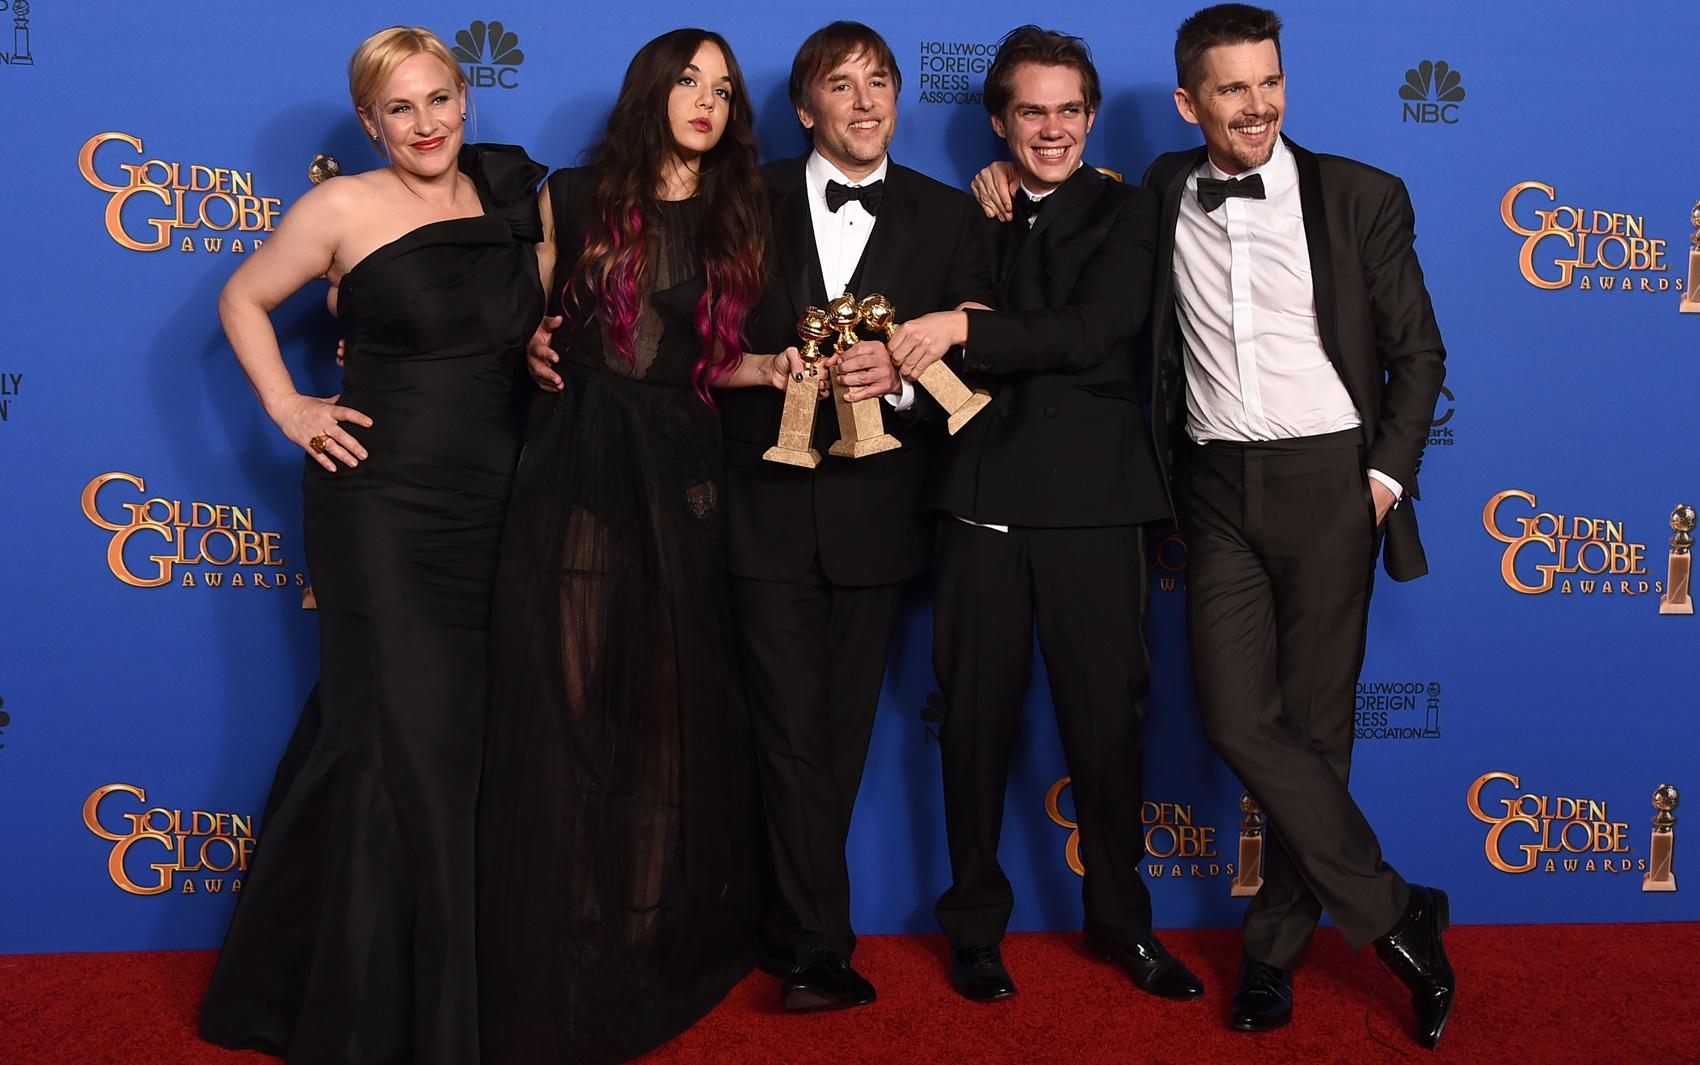 Diretor e atores de 'Boyhood' com os prêmios do Globo de Ouro.